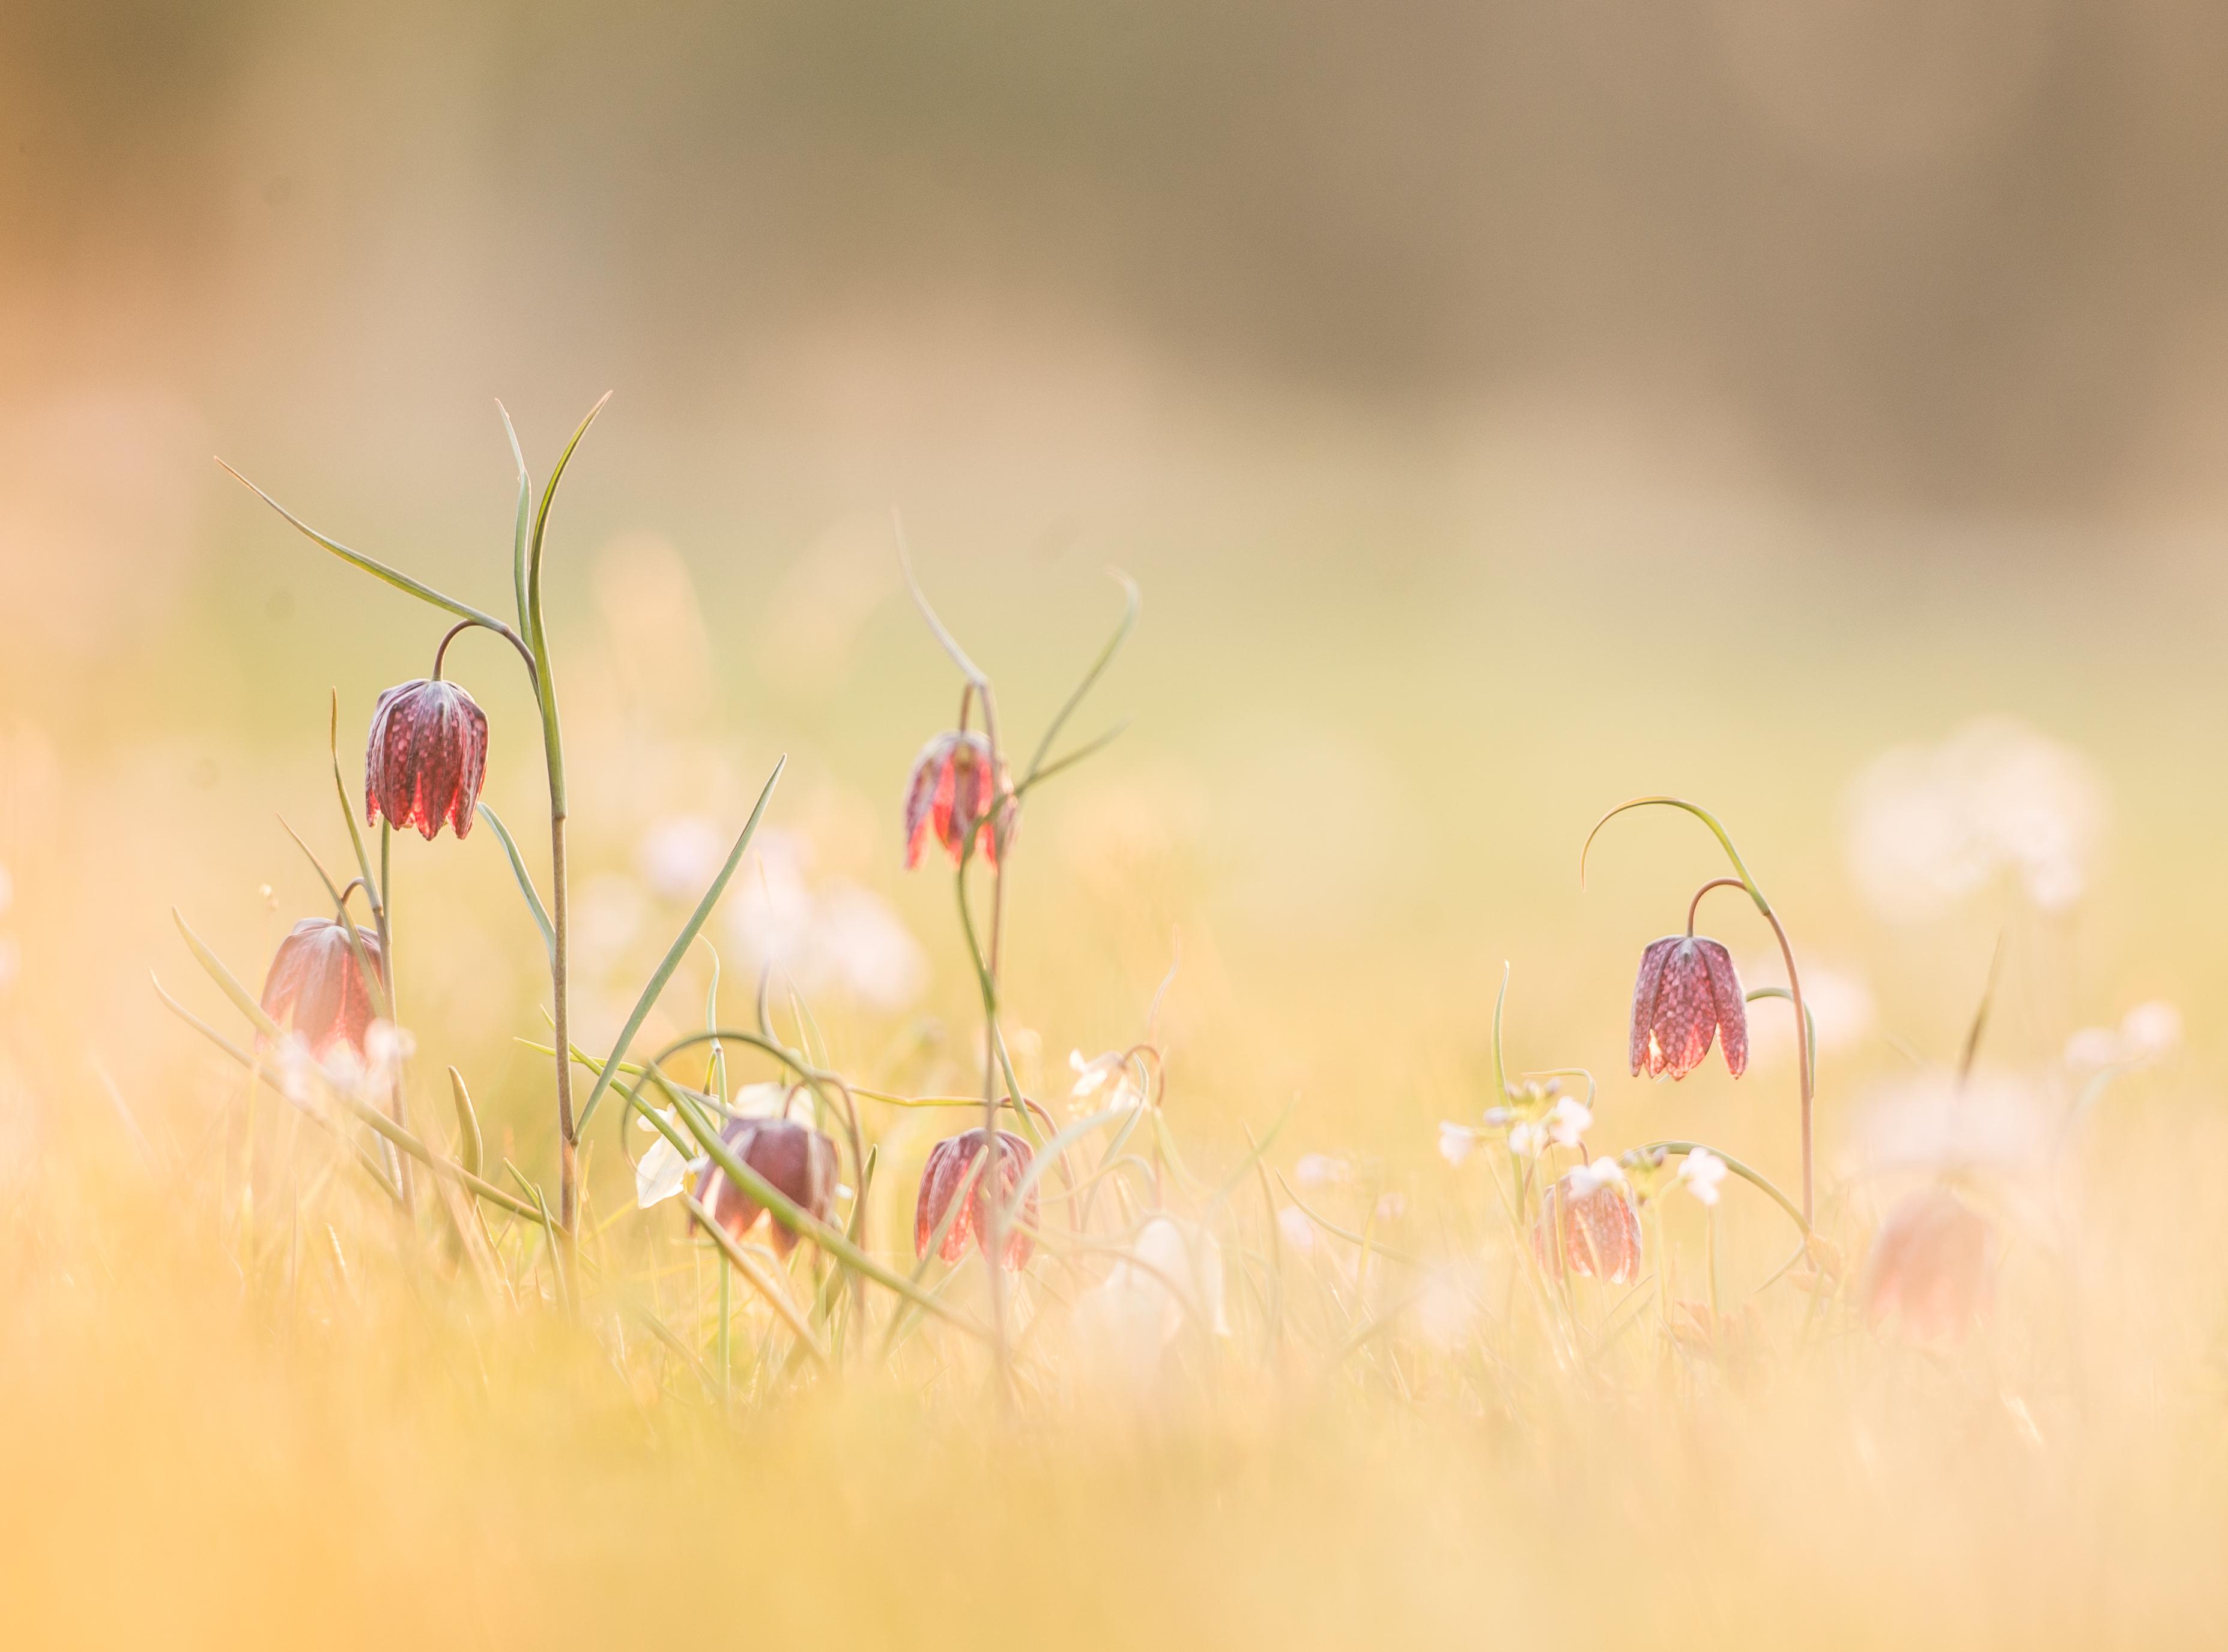 Niidud - kaotatud paradiis / The Meadow - Paradise Lost